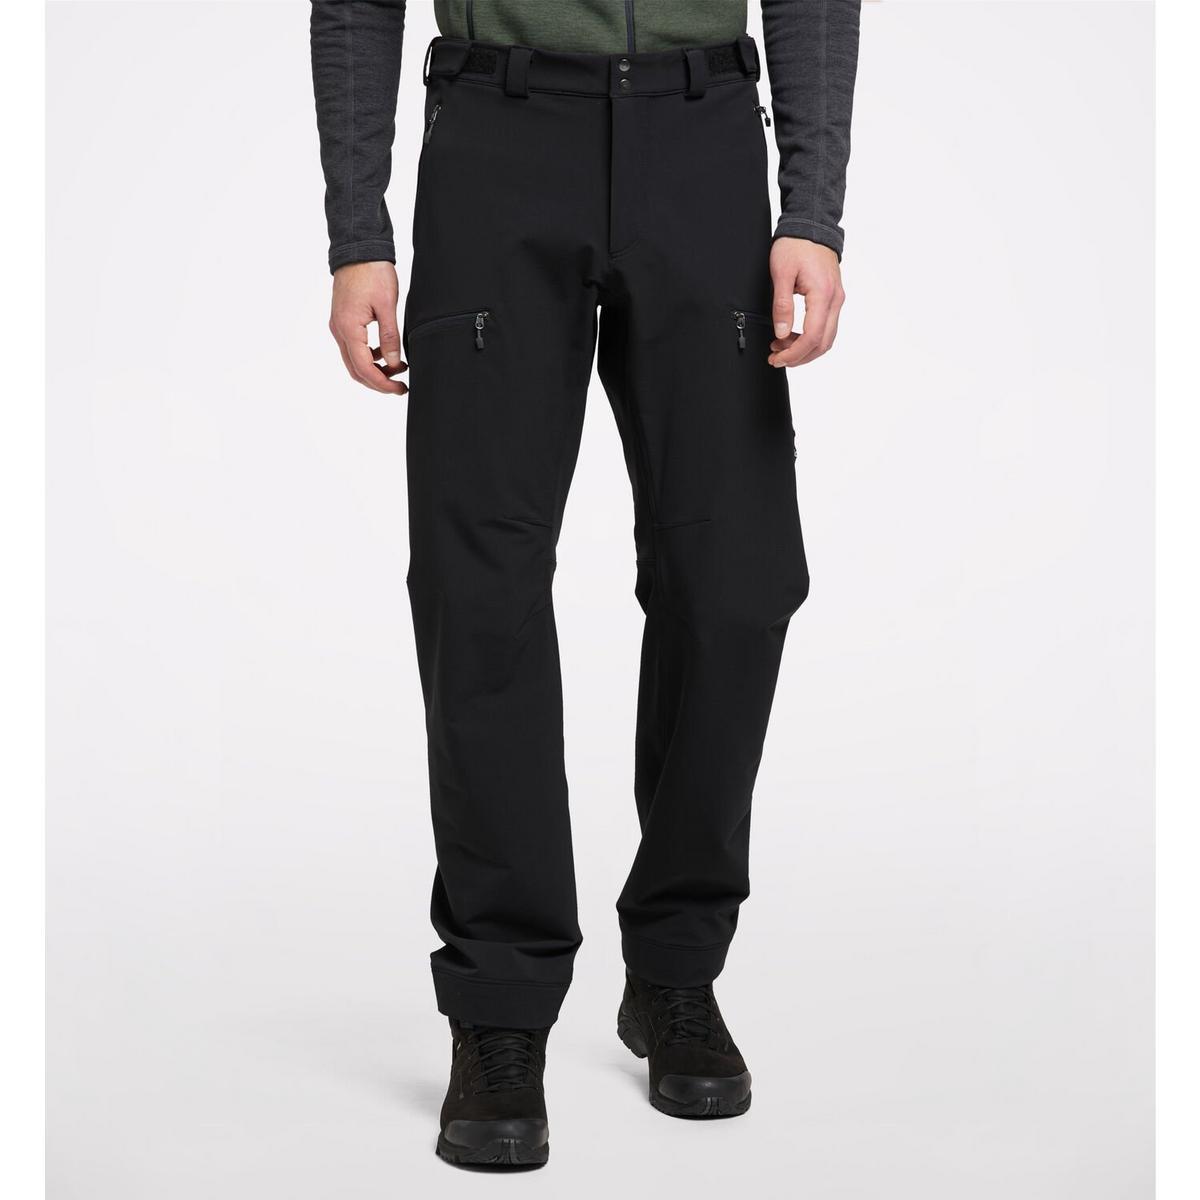 Haglofs Men's Haglofs Breccia Pant Reg - Black